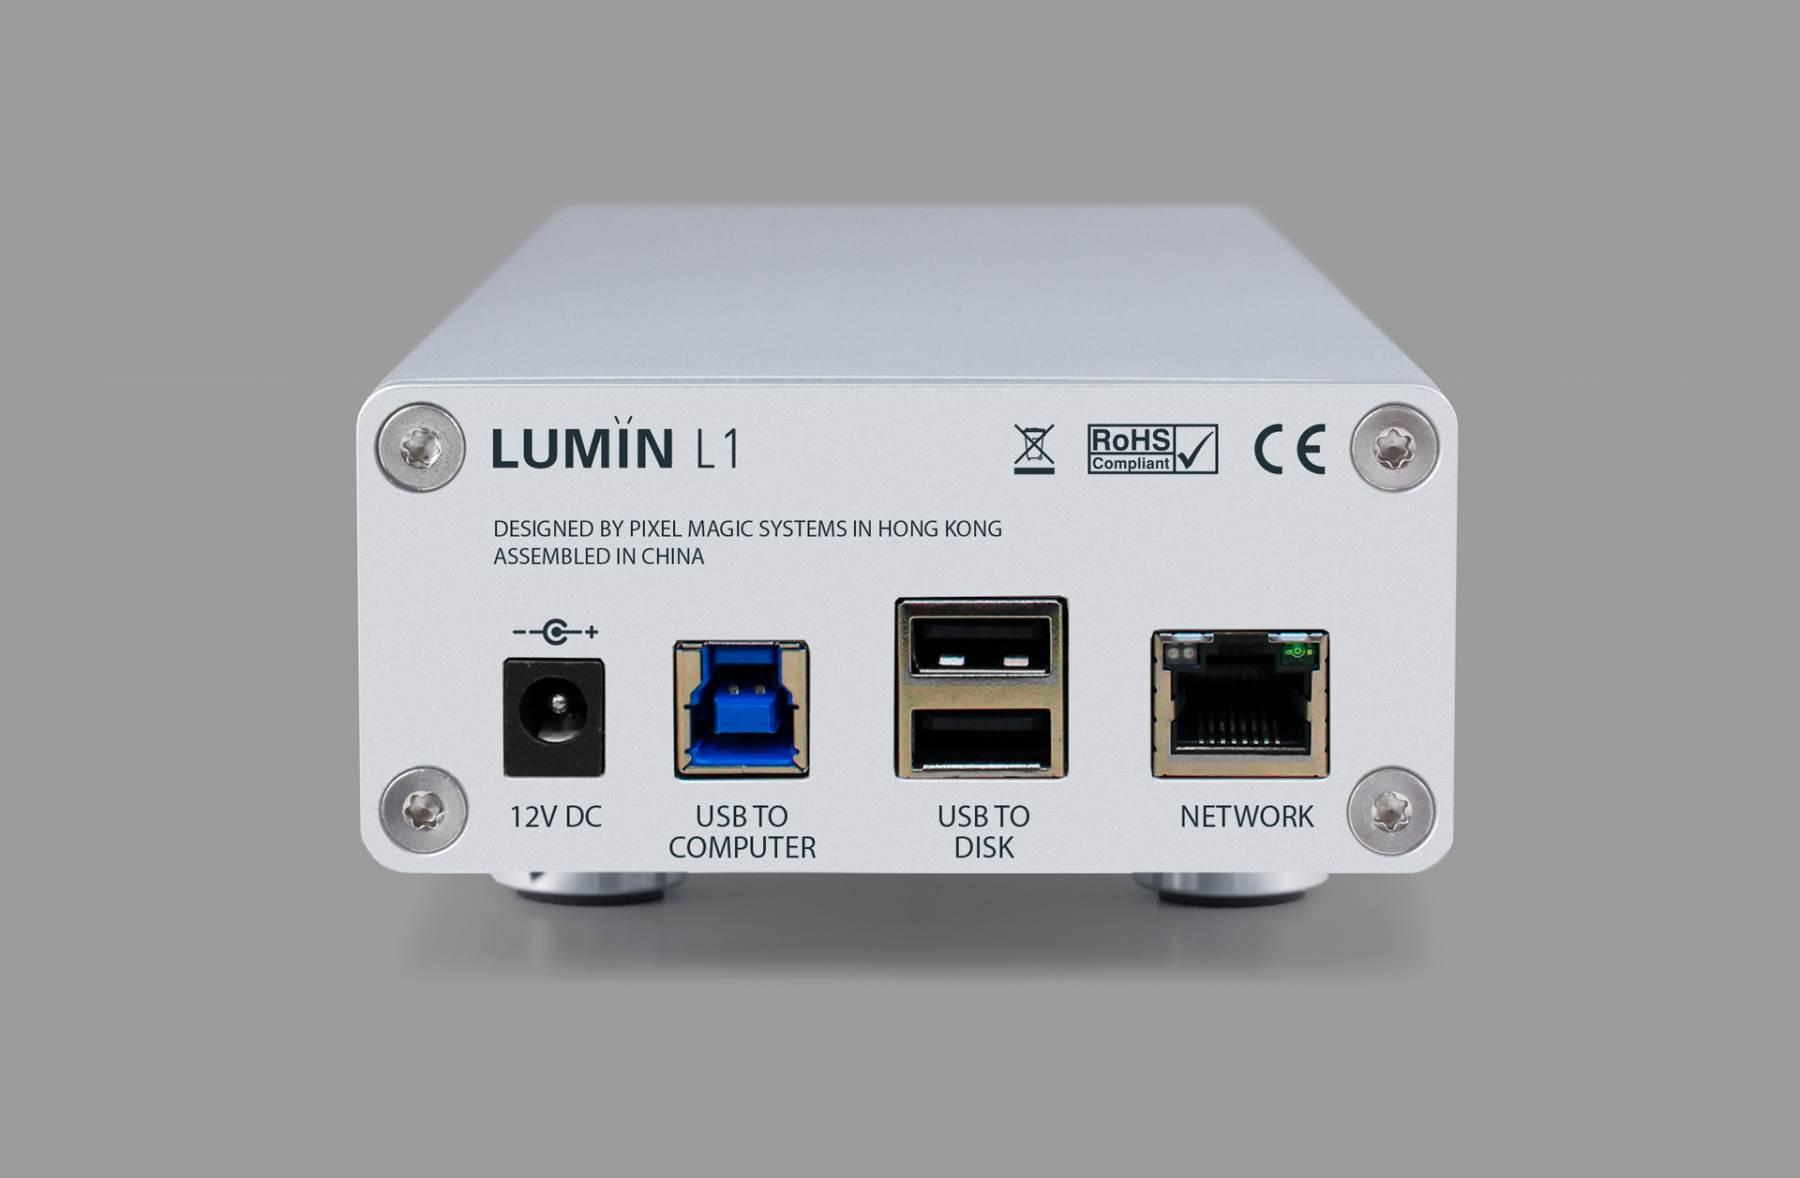 lumin-l1-rear